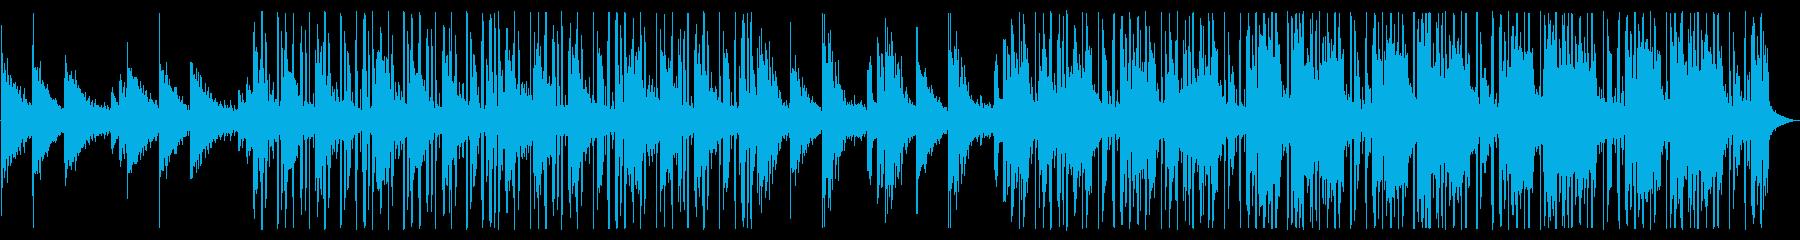 寂しげ/ヒップホップ_No472_1の再生済みの波形